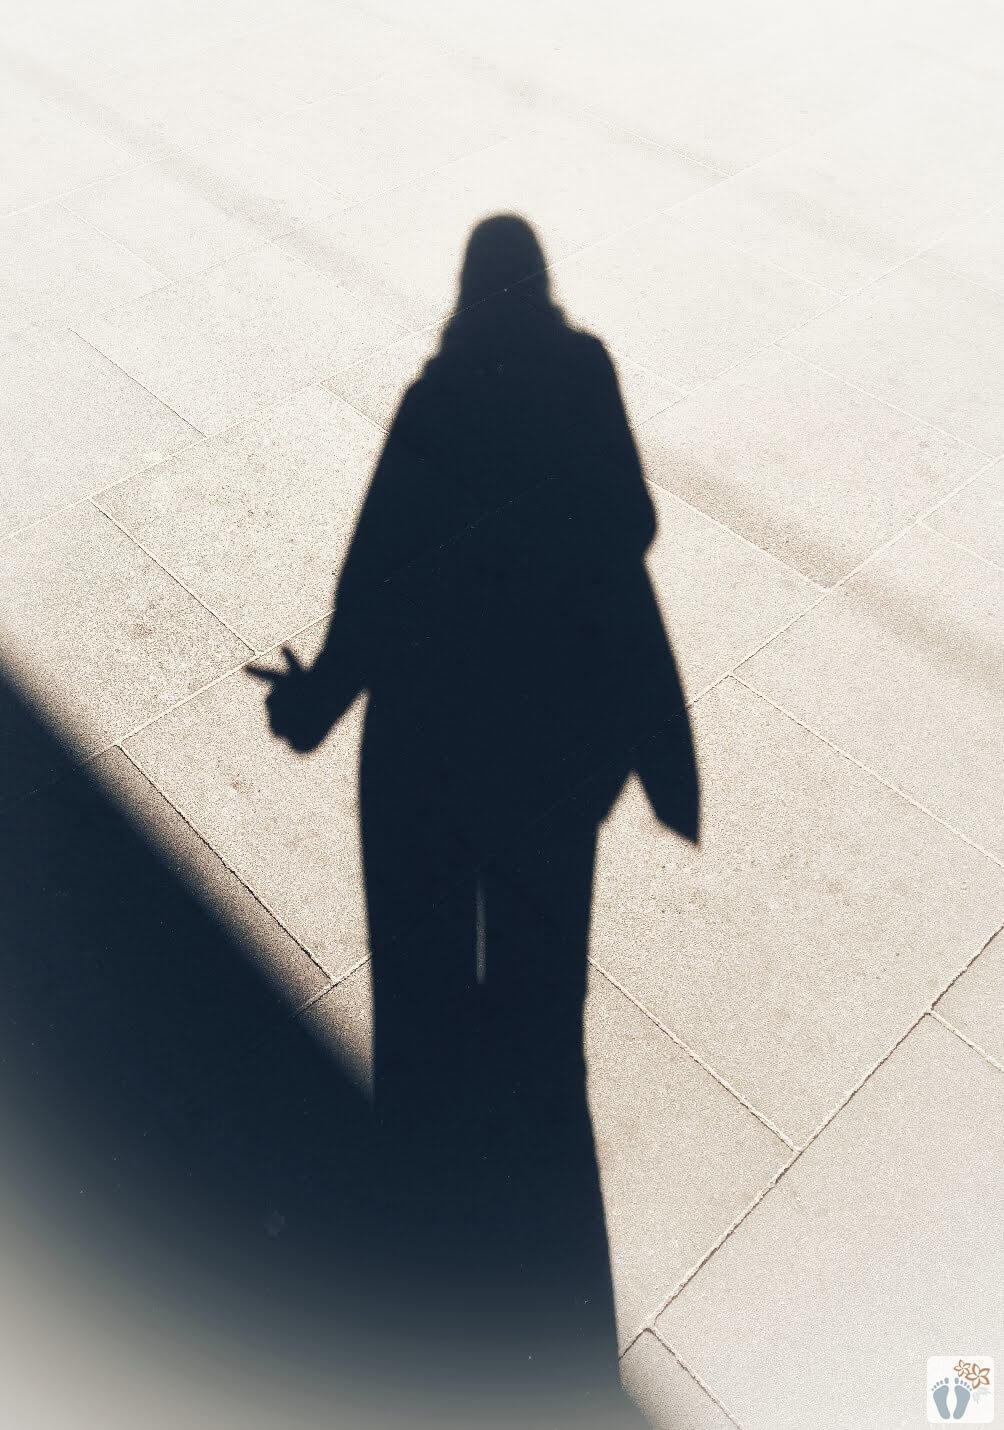 """Wiener Fotomarathon 2018 - Thema """"Licht und Schatten"""": Schattenbild von Maria Dolores"""